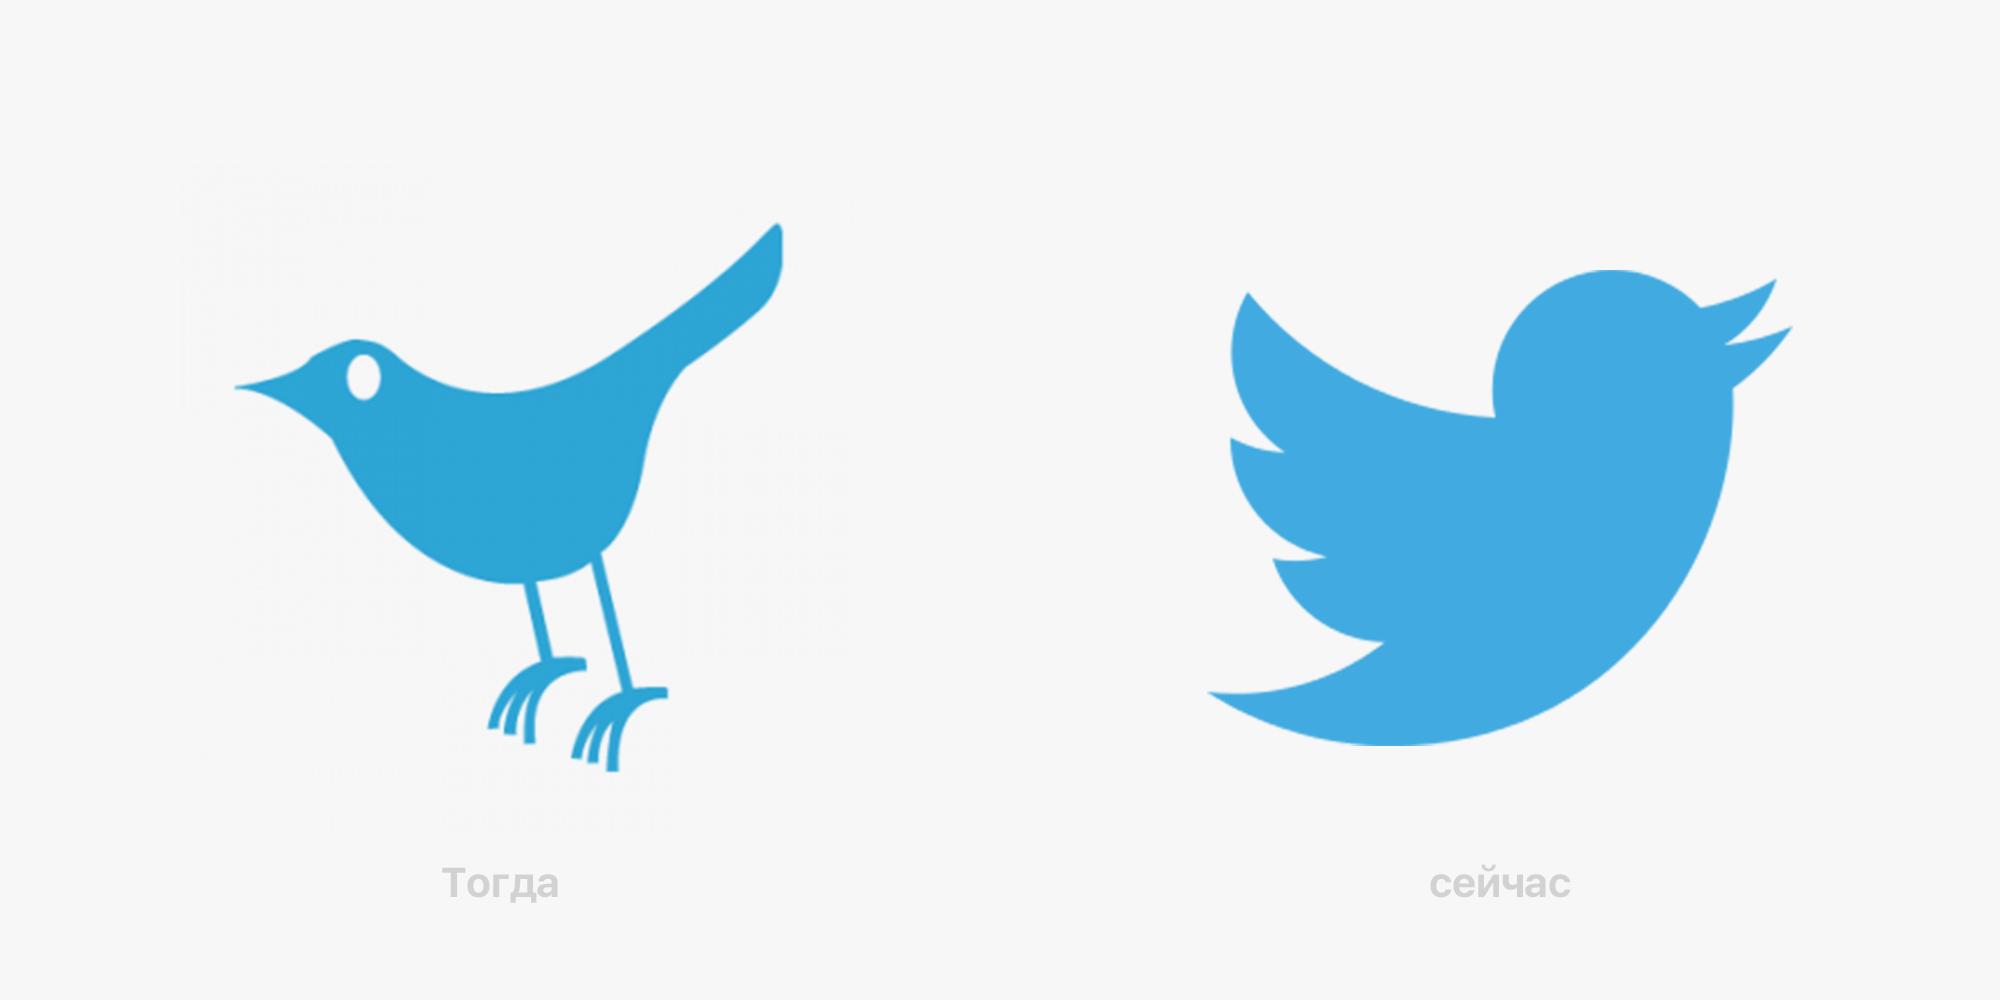 Слева — клипарт Саймона Оксли с iStock за 15 долларов, справа — оригинальный логотип Twitter, созданный под руководством креативного директора Дуга Боумана (Doug Bowman)